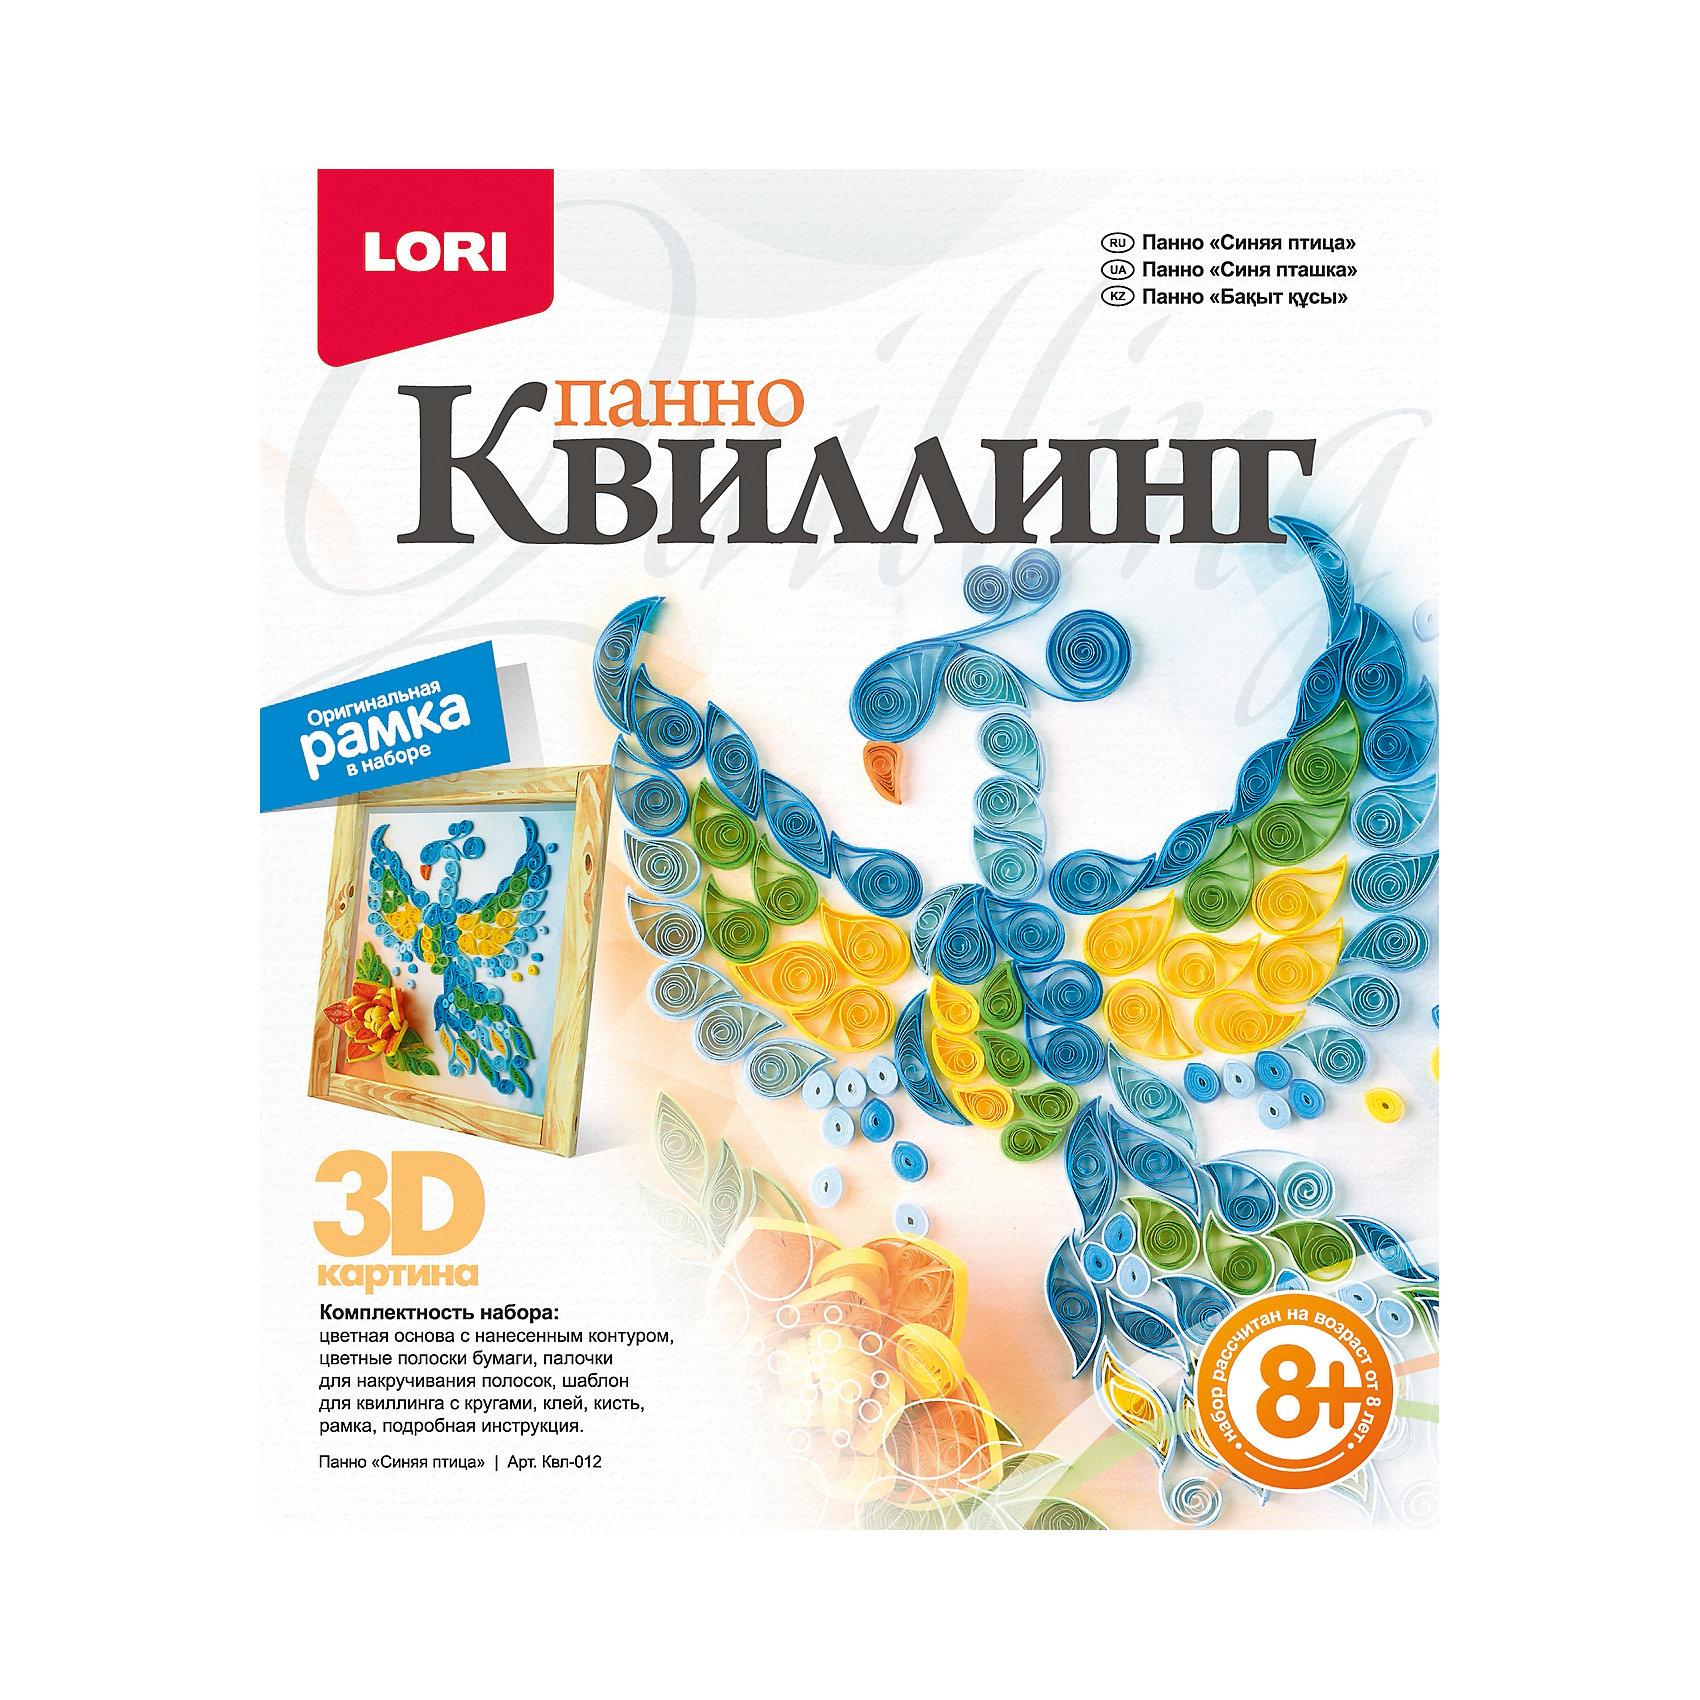 Квиллинг. Панно Синяя птица, LORIРукоделие<br>Квиллинг. Панно Синяя птица, LORI (Лори) – это творческий набор для создания оригинальной картины в технике квиллинг. Для этого согласно подробной инструкции полоски бумаги скручиваются в спиральки, после чего им придается форма завитков различного размера. Далее готовые элементы соединяются определенным образом и наклеиваются в готовую основу. В результате получается уникальная 3D-картина с изображением ярко-синей птицы, которую можно оформить в рамку, также входящую в набор.<br><br>В наборе: цветная основа, цветные полоски бумаги, палочки для накручивания полоски, шаблон для квилинга, клей, кисть, рамка, инструкция<br><br>Дополнительная информация:<br>-Размеры в упаковке (ДхШхВ): 230х208х40 мм<br>-Вес в упаковке: 135 г<br>-Материалы: бумага, картон<br><br>Благодаря данному набору Ваш ребенок сможет создать 3D-картину и оформить ее в рамку, чем непременно будет гордиться.<br><br>Квиллинг. Панно Синяя птица, LORI (Лори) можно купить в нашем магазине.<br><br>Ширина мм: 230<br>Глубина мм: 208<br>Высота мм: 40<br>Вес г: 135<br>Возраст от месяцев: 72<br>Возраст до месяцев: 168<br>Пол: Женский<br>Возраст: Детский<br>SKU: 4031953